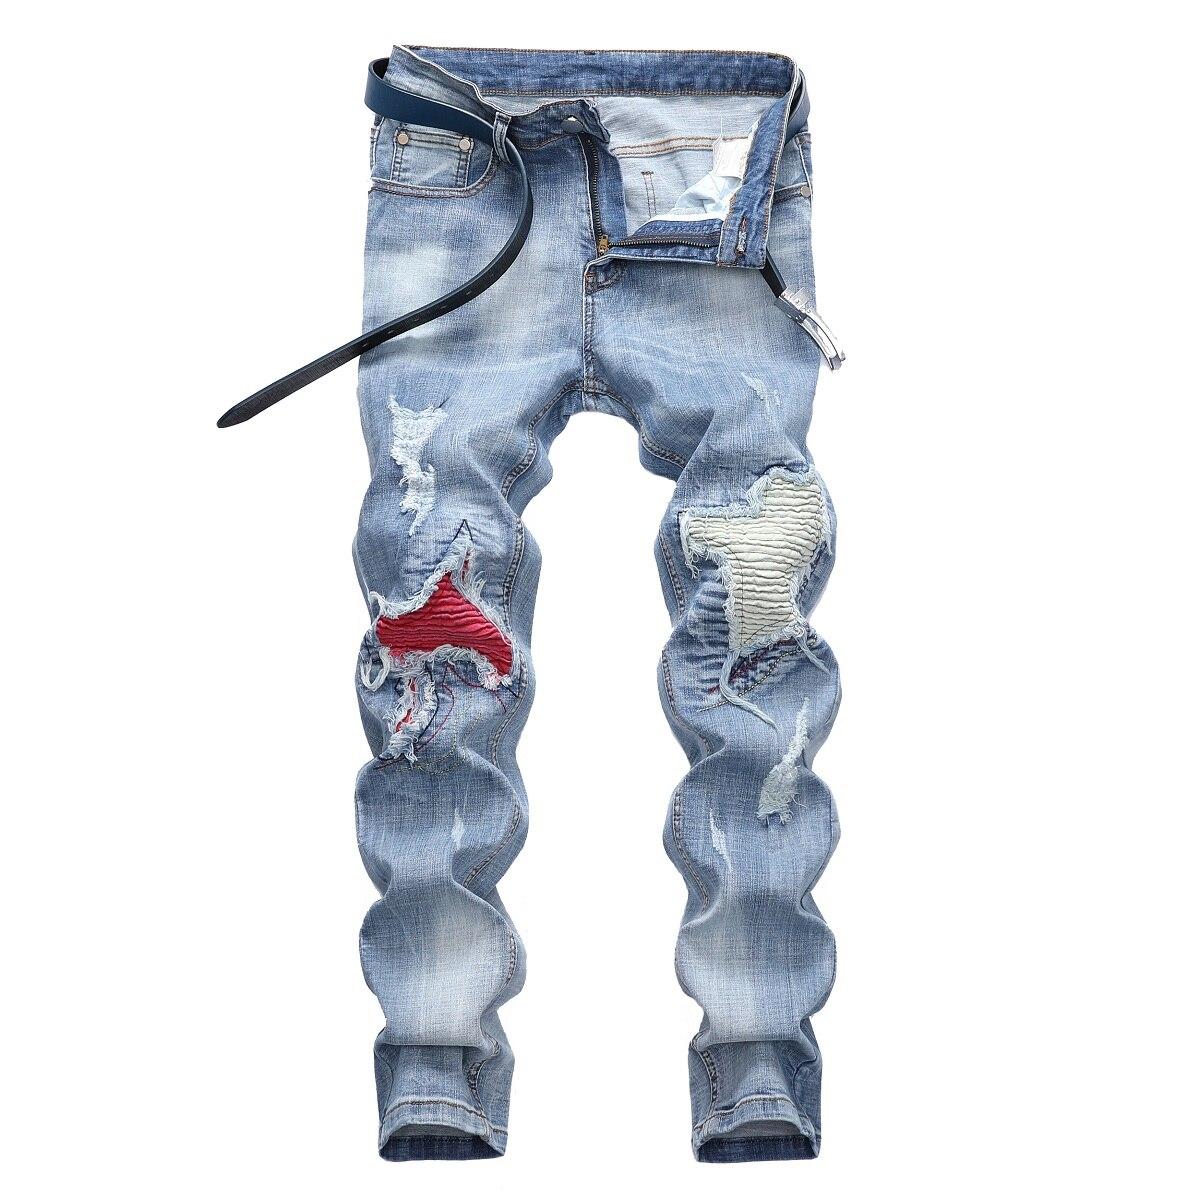 Новинка Осень-зима 2021 модные мужские джинсы Рваные мотоциклетные Брюки Модные трендовые мужские джинсы джинсовые брюки модные мужские